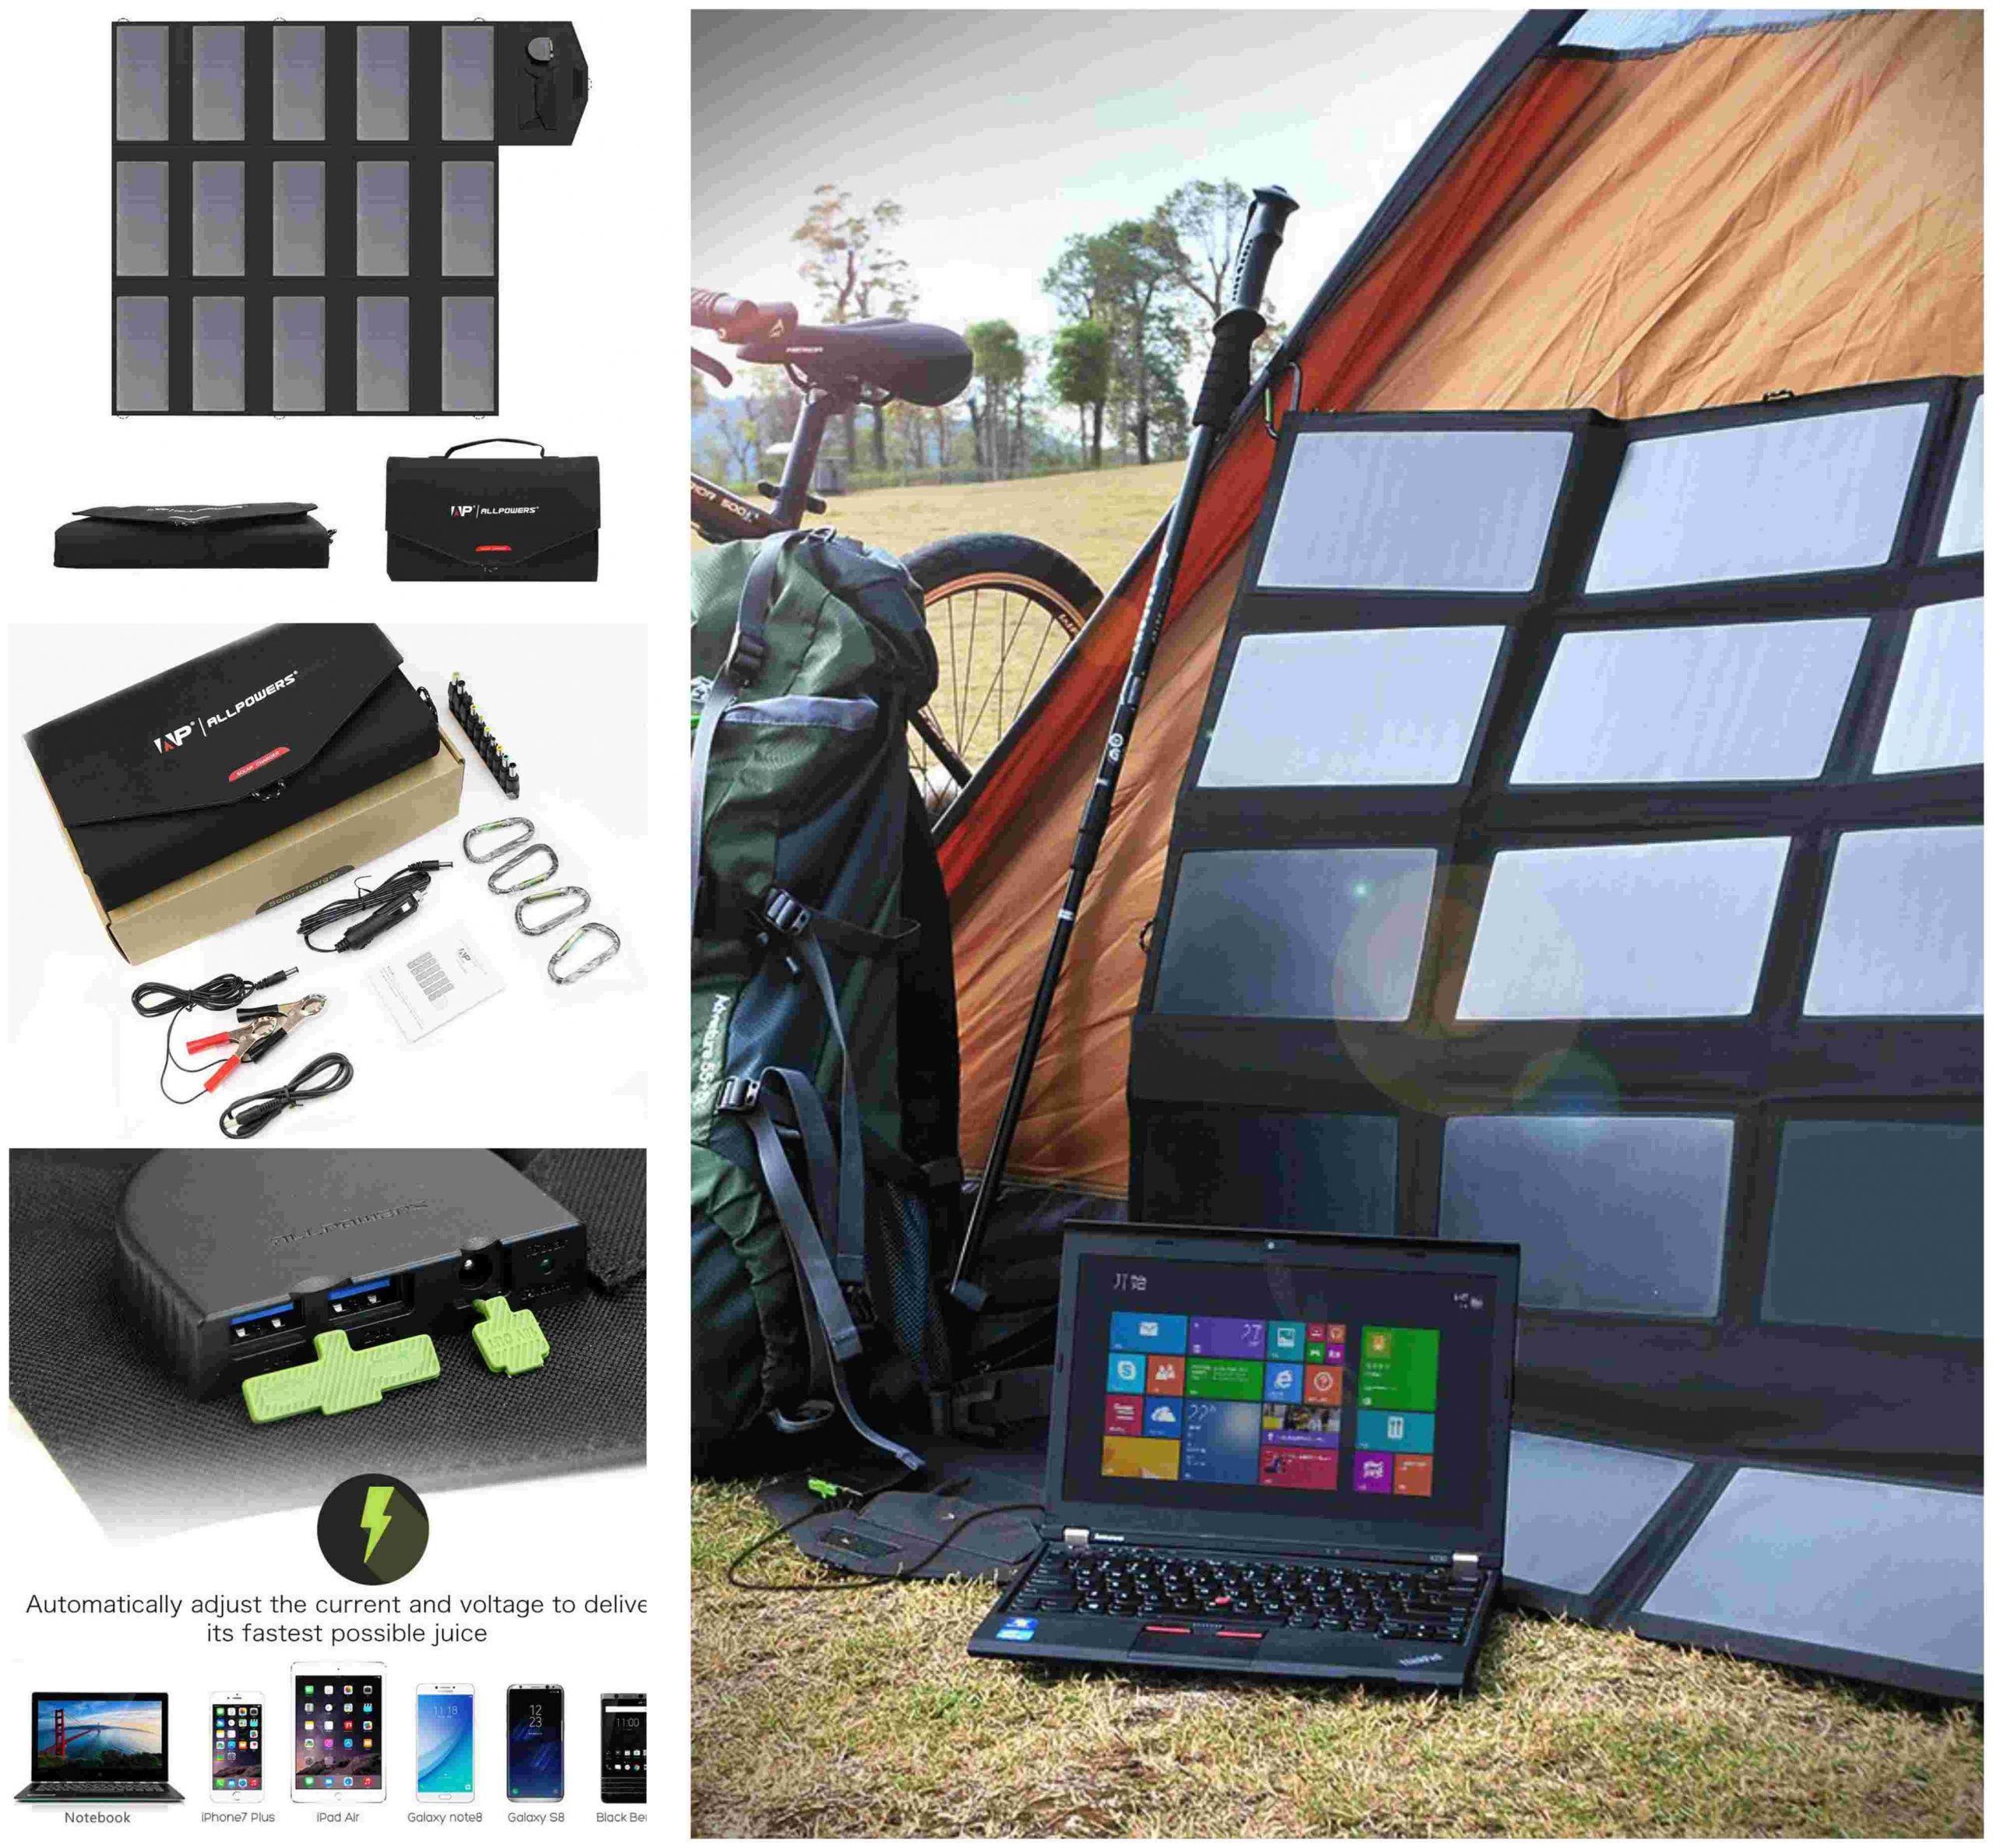 una-de-las-mejores-placas-solares-tipo-maleta-modelo-allpowers